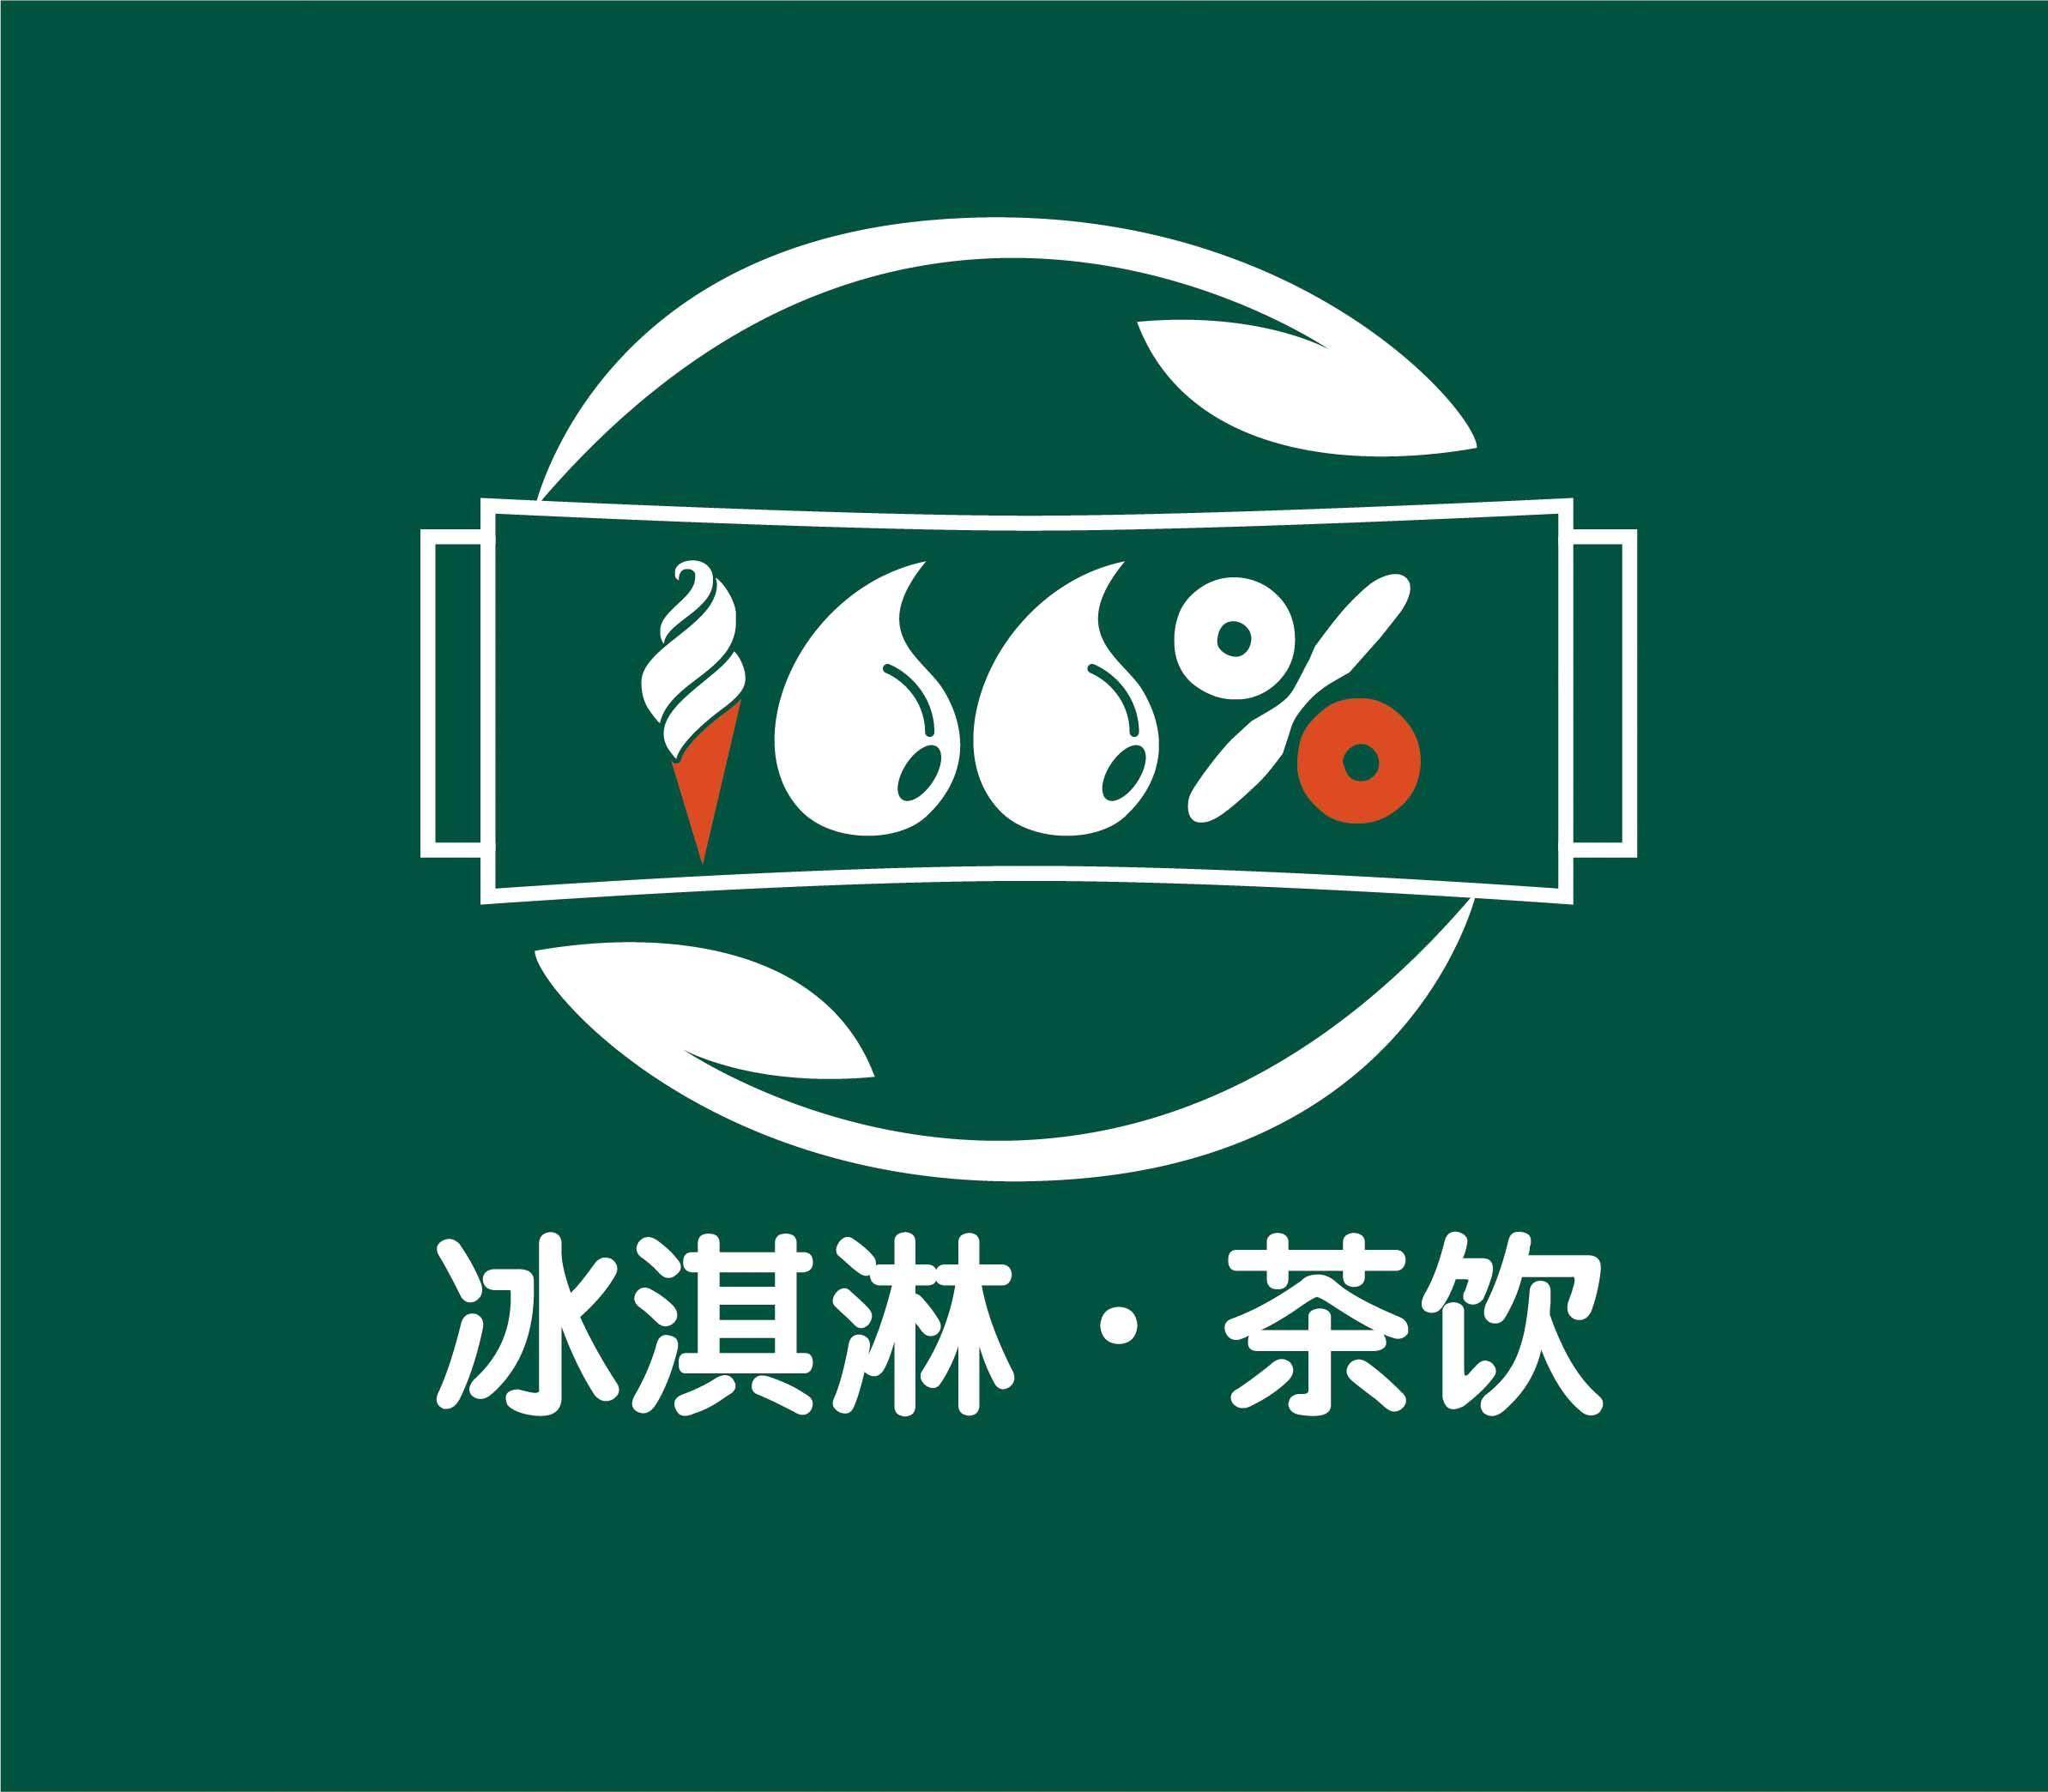 青島合眾宇圣商貿有限公司